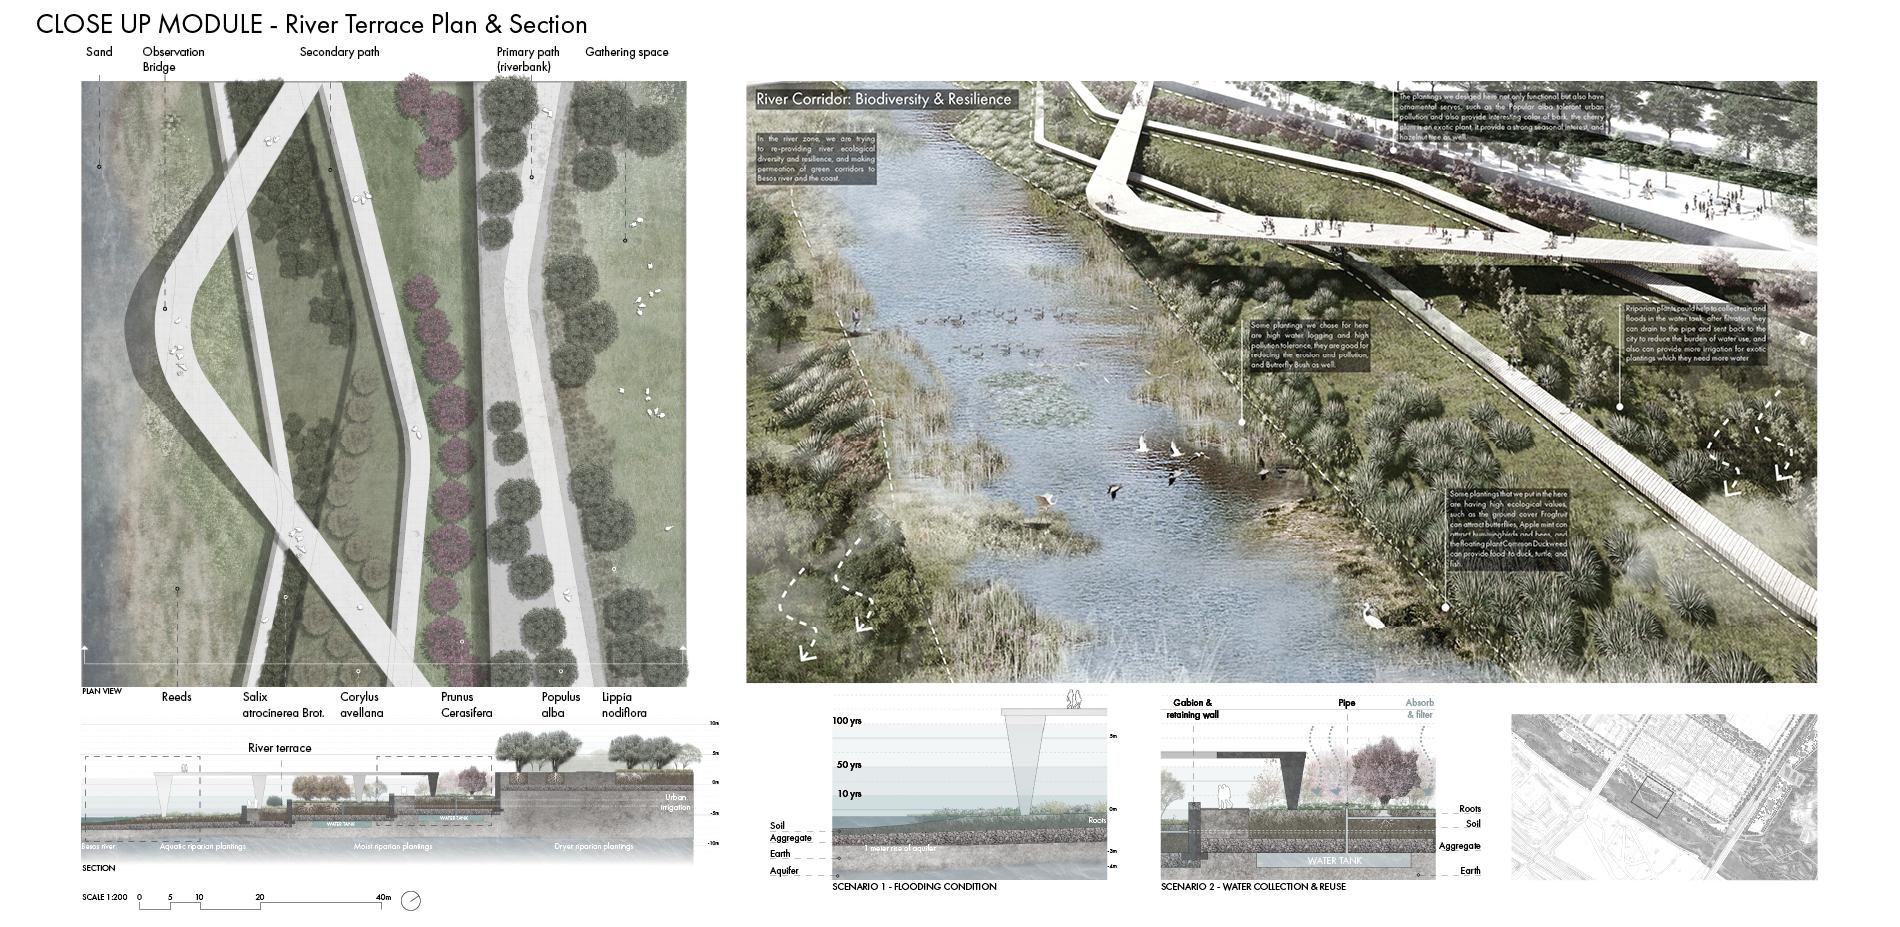 Close Up Module - River Terrace